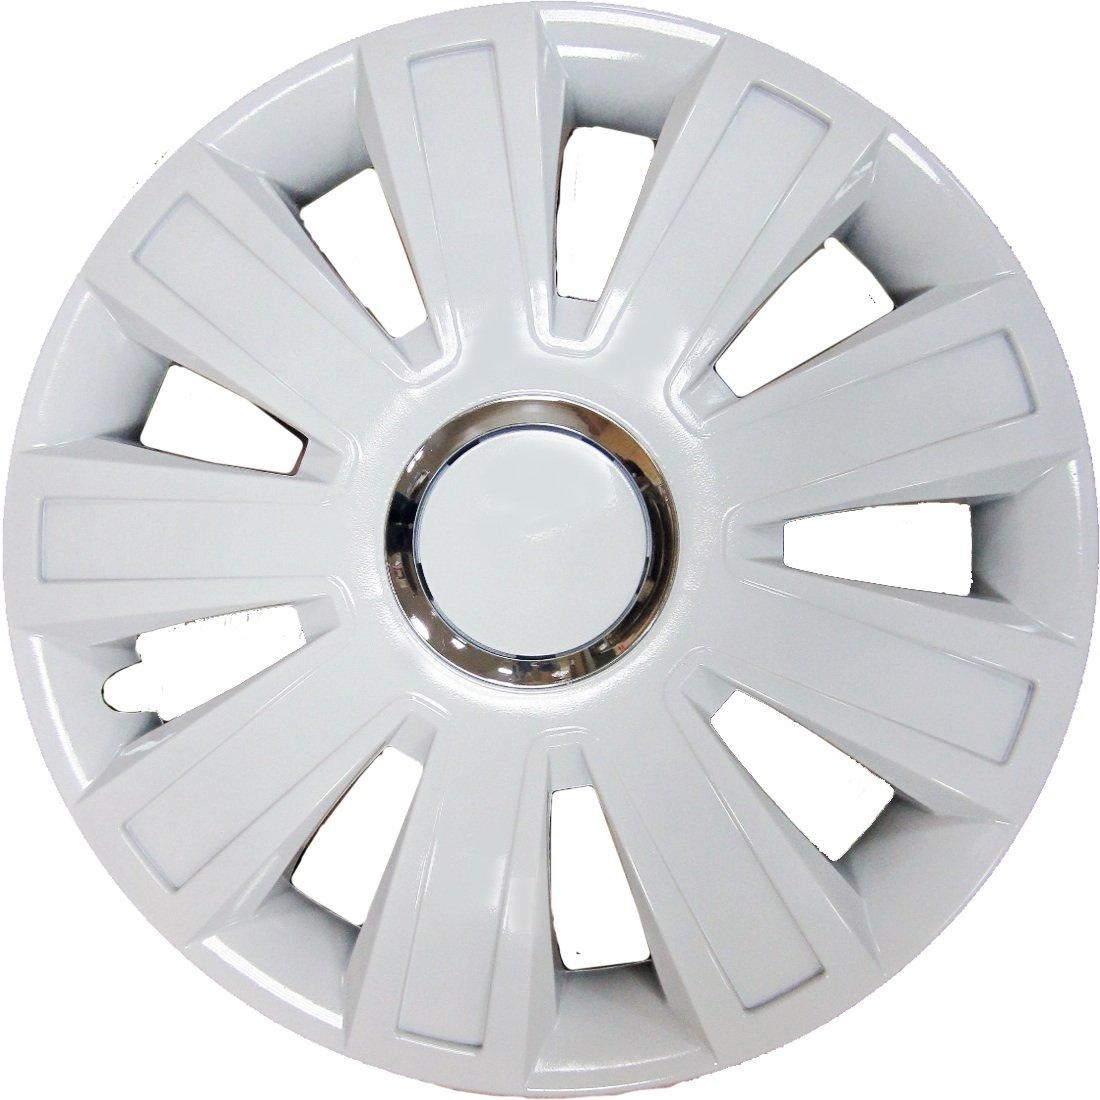 Unitec 75475 Delta Wheel Trim 13 Inch-Black